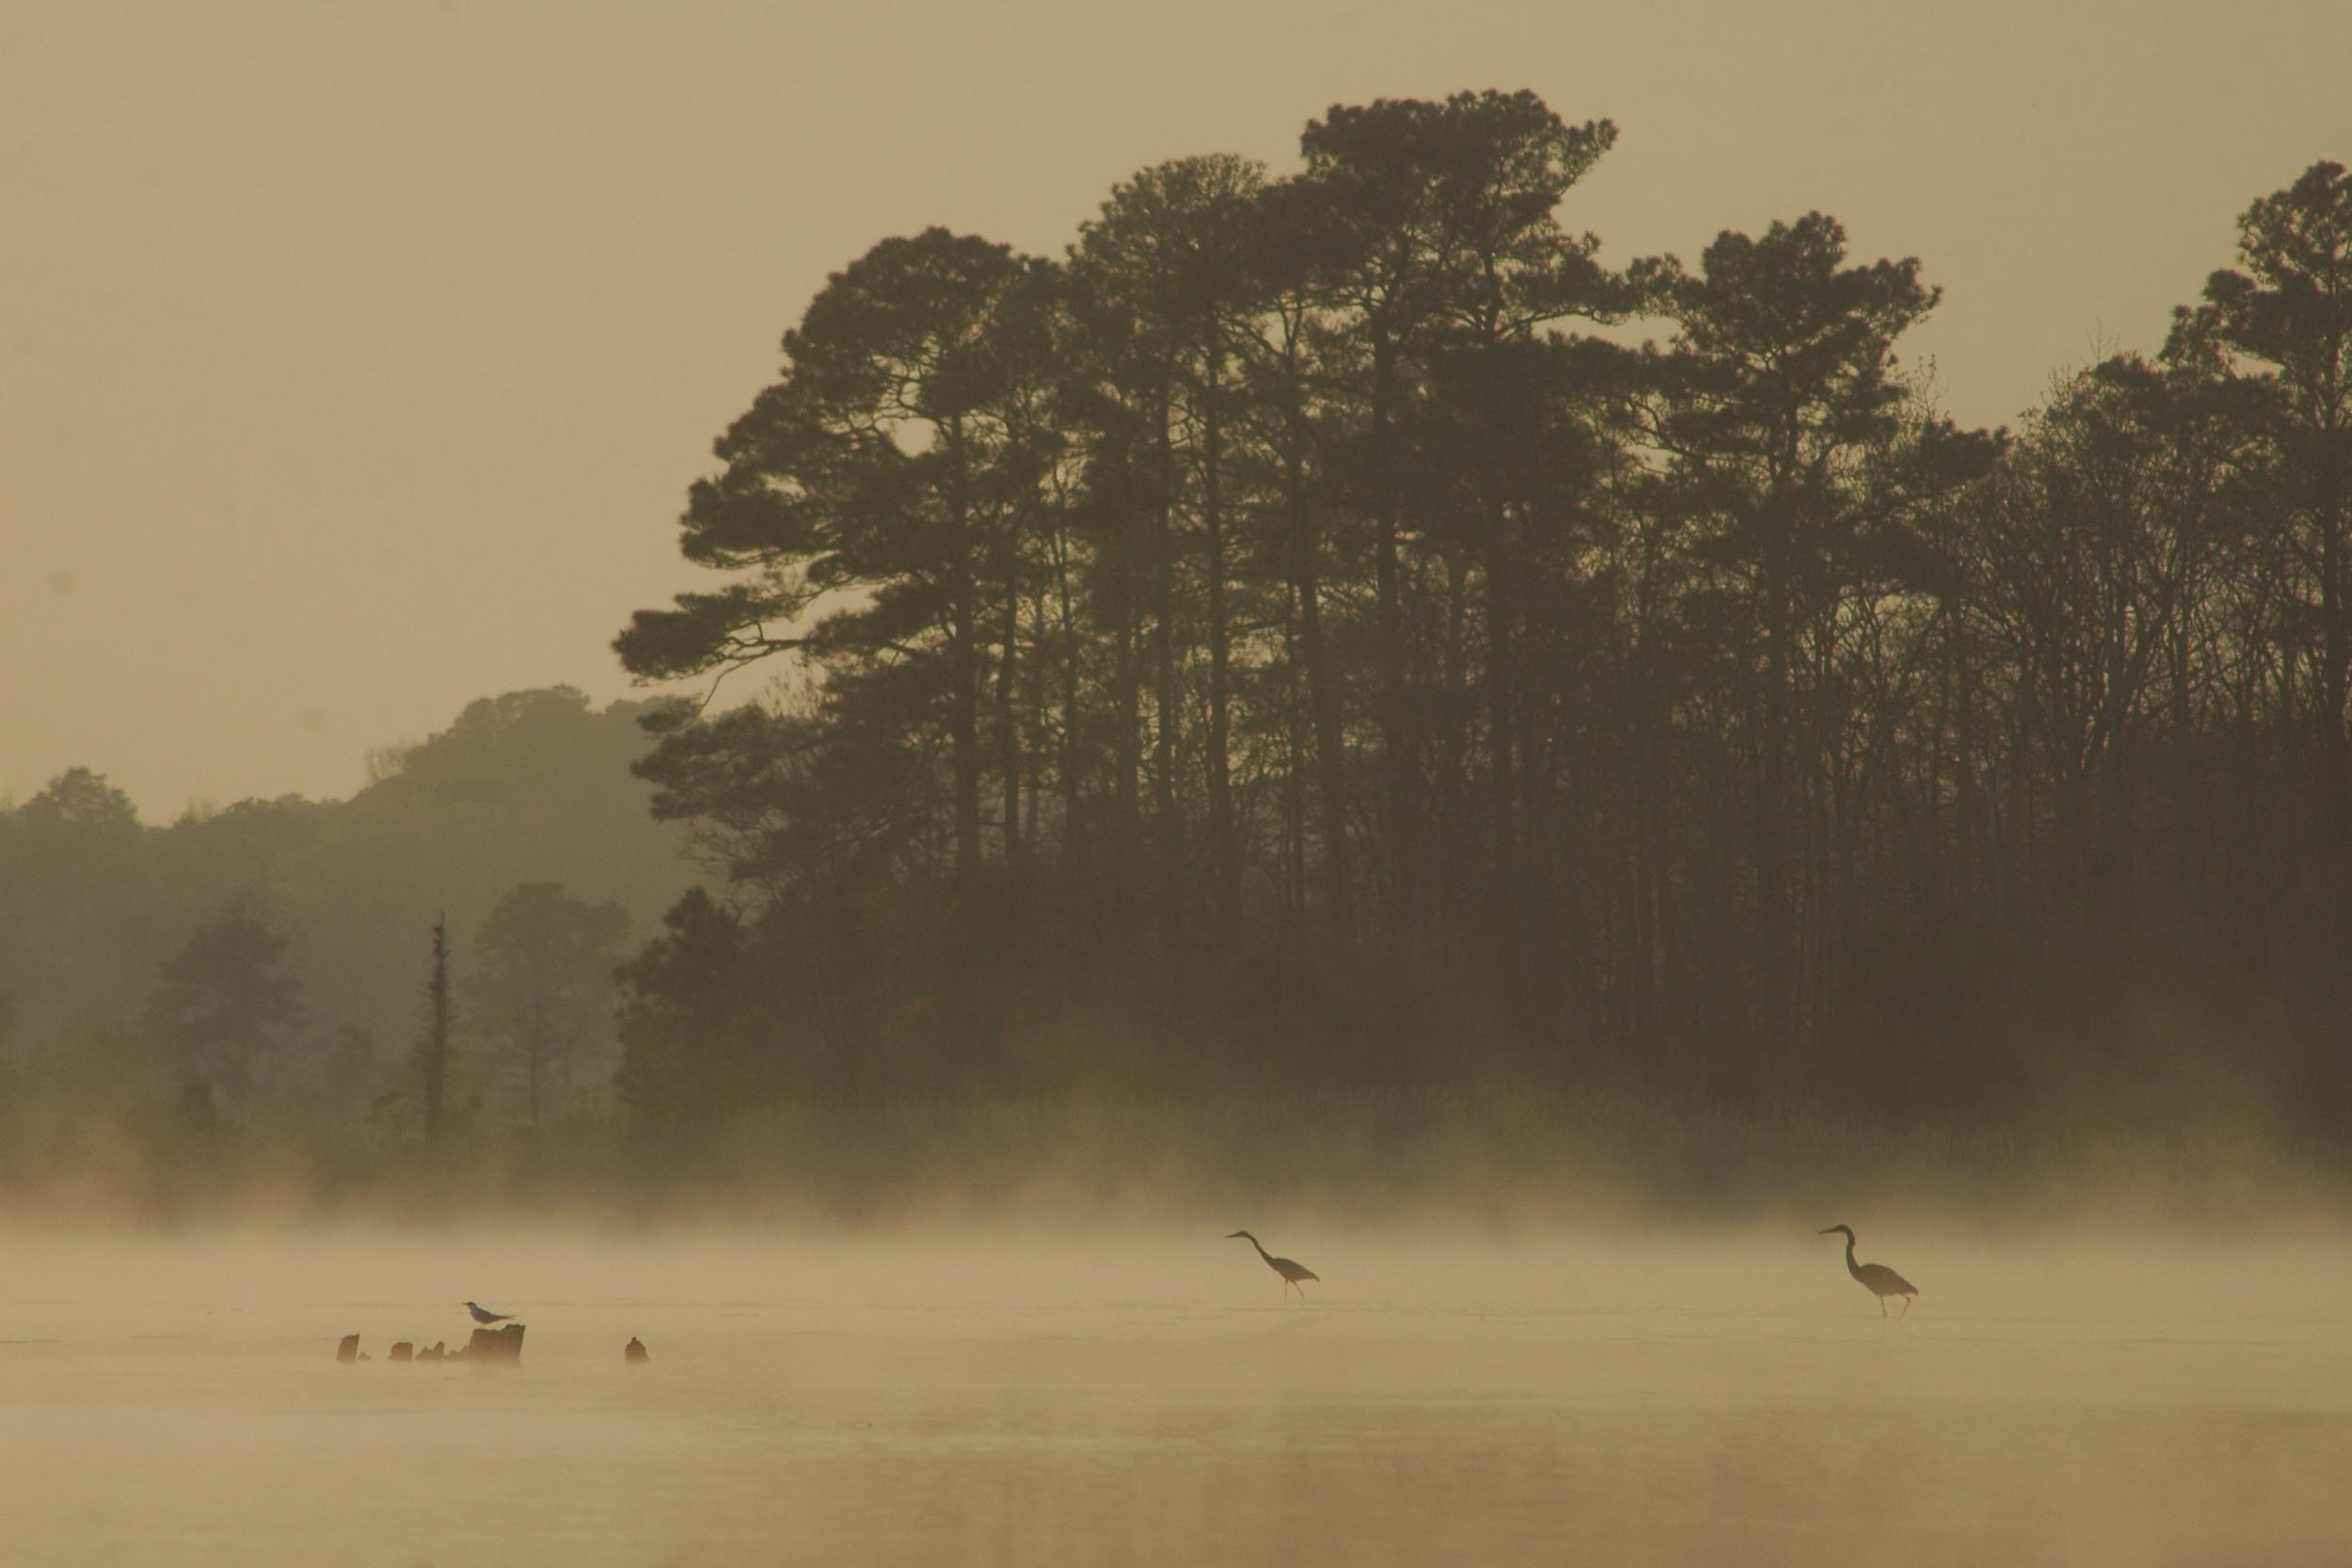 On Delmarva: Herons in the fog